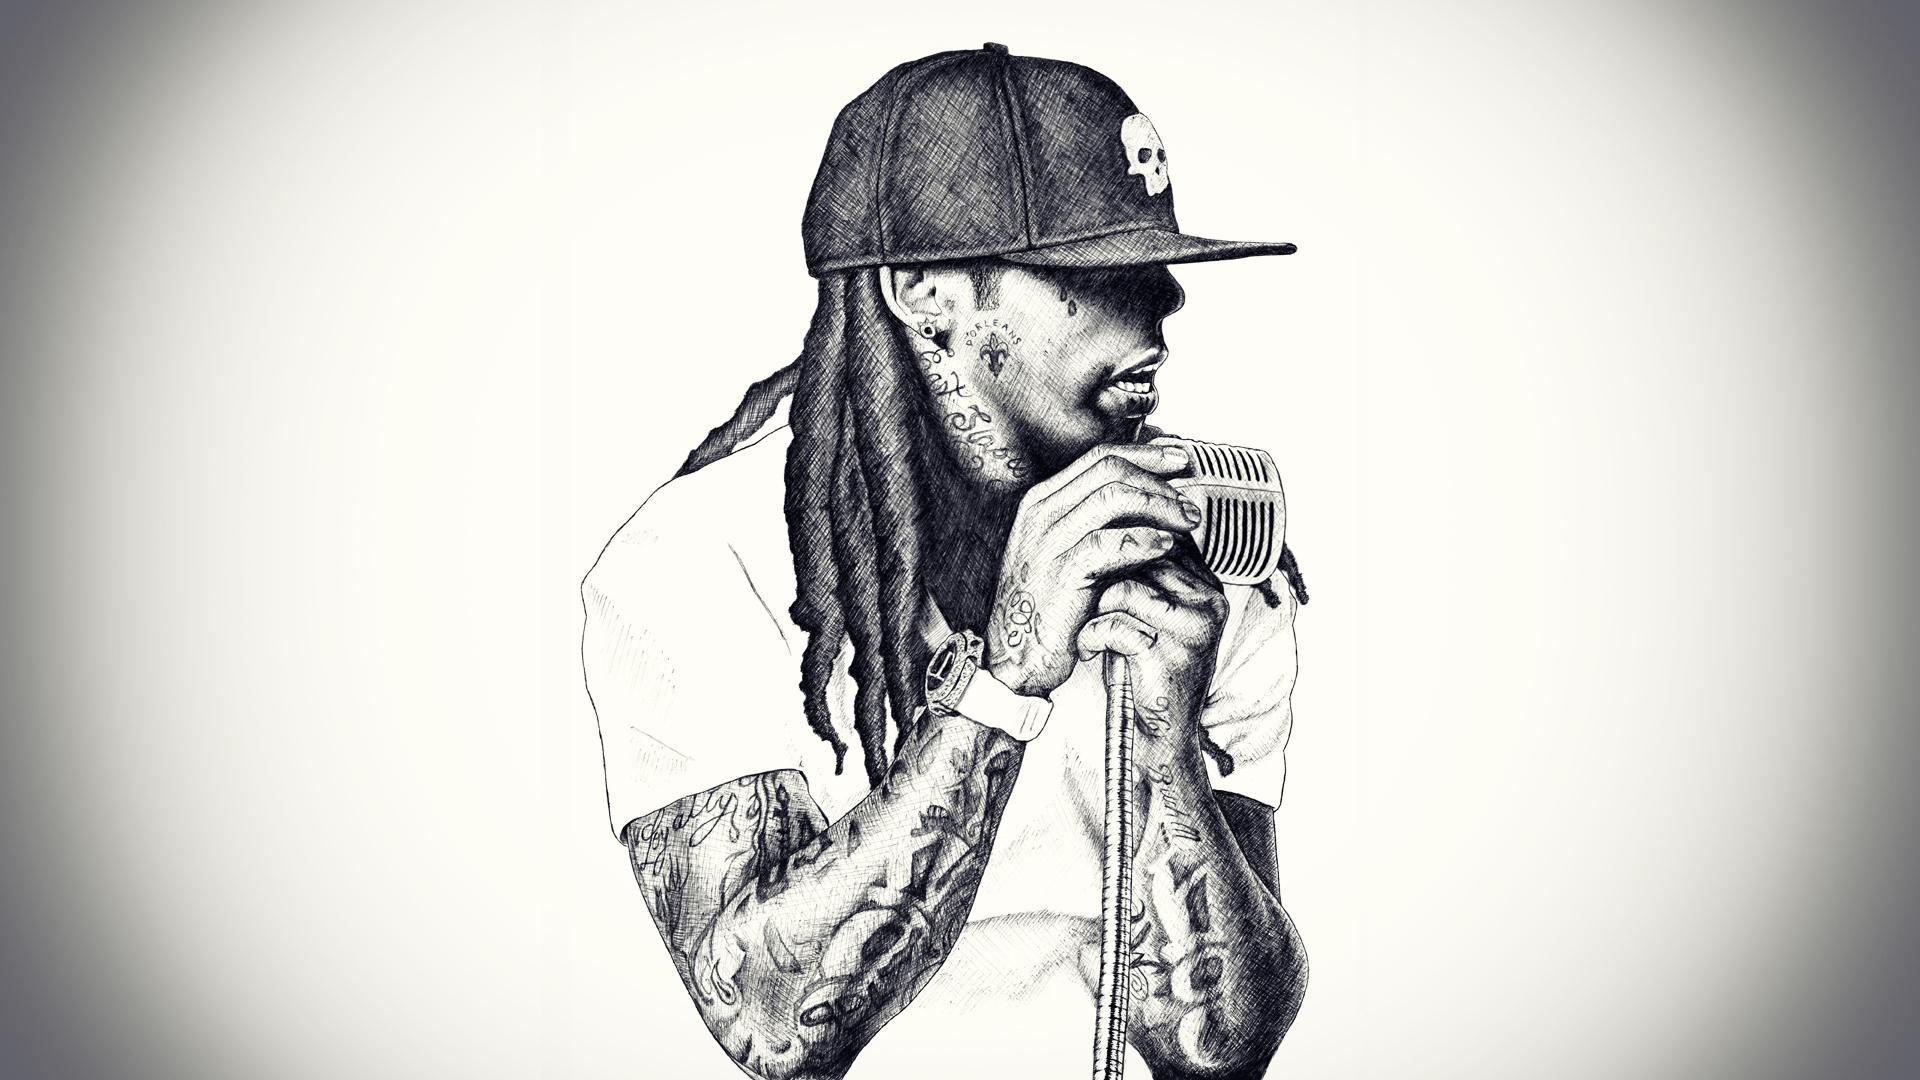 картинки про рэп это